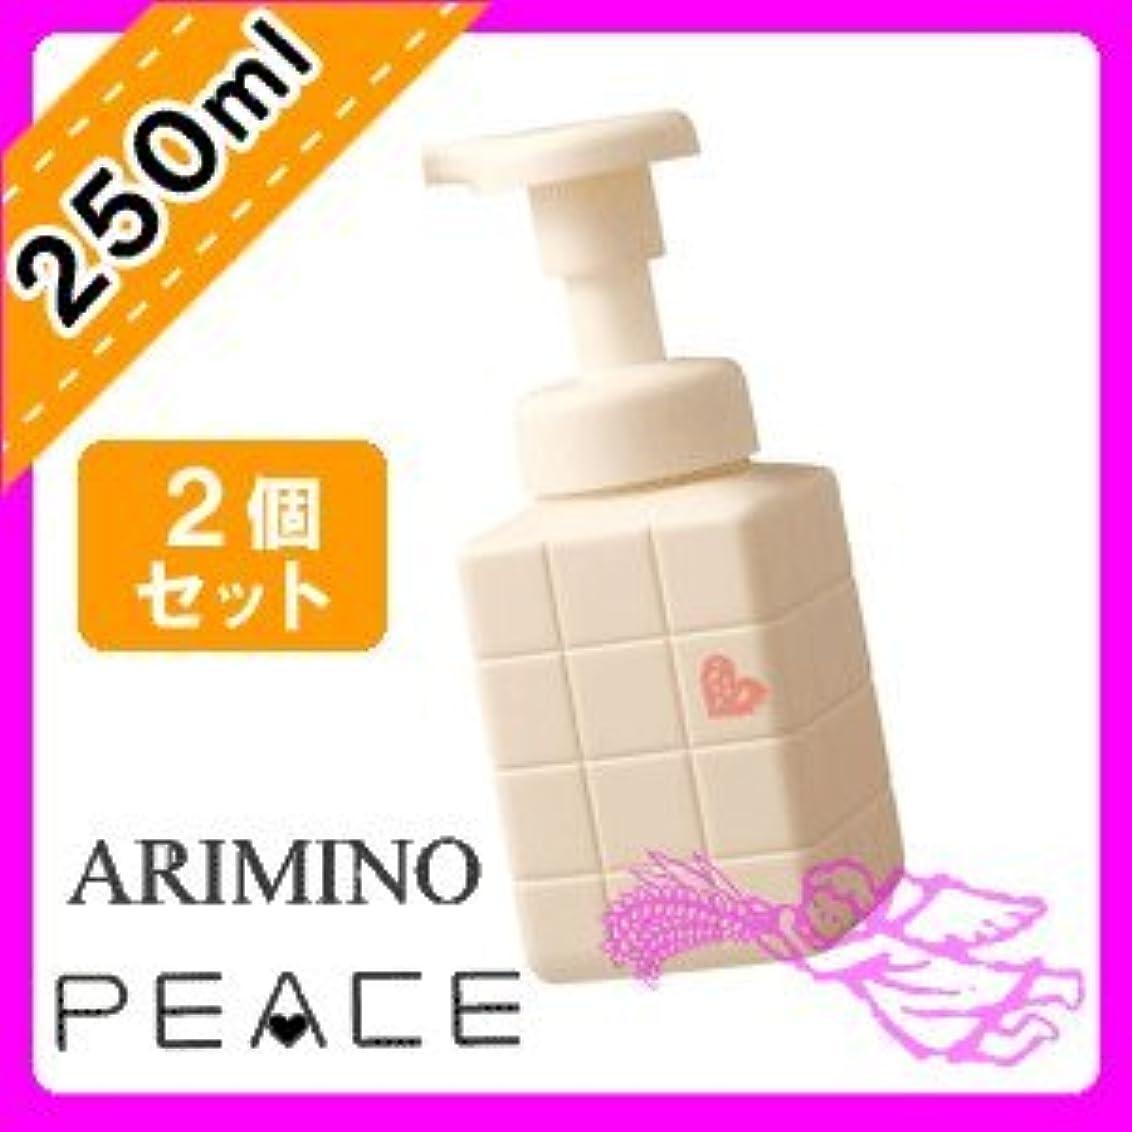 カプセルステレオ参照アリミノ ピース ホイップワックス PEACE ナチュラルウェーブ ホイップ250mL ×2個 セット arimino PEACE